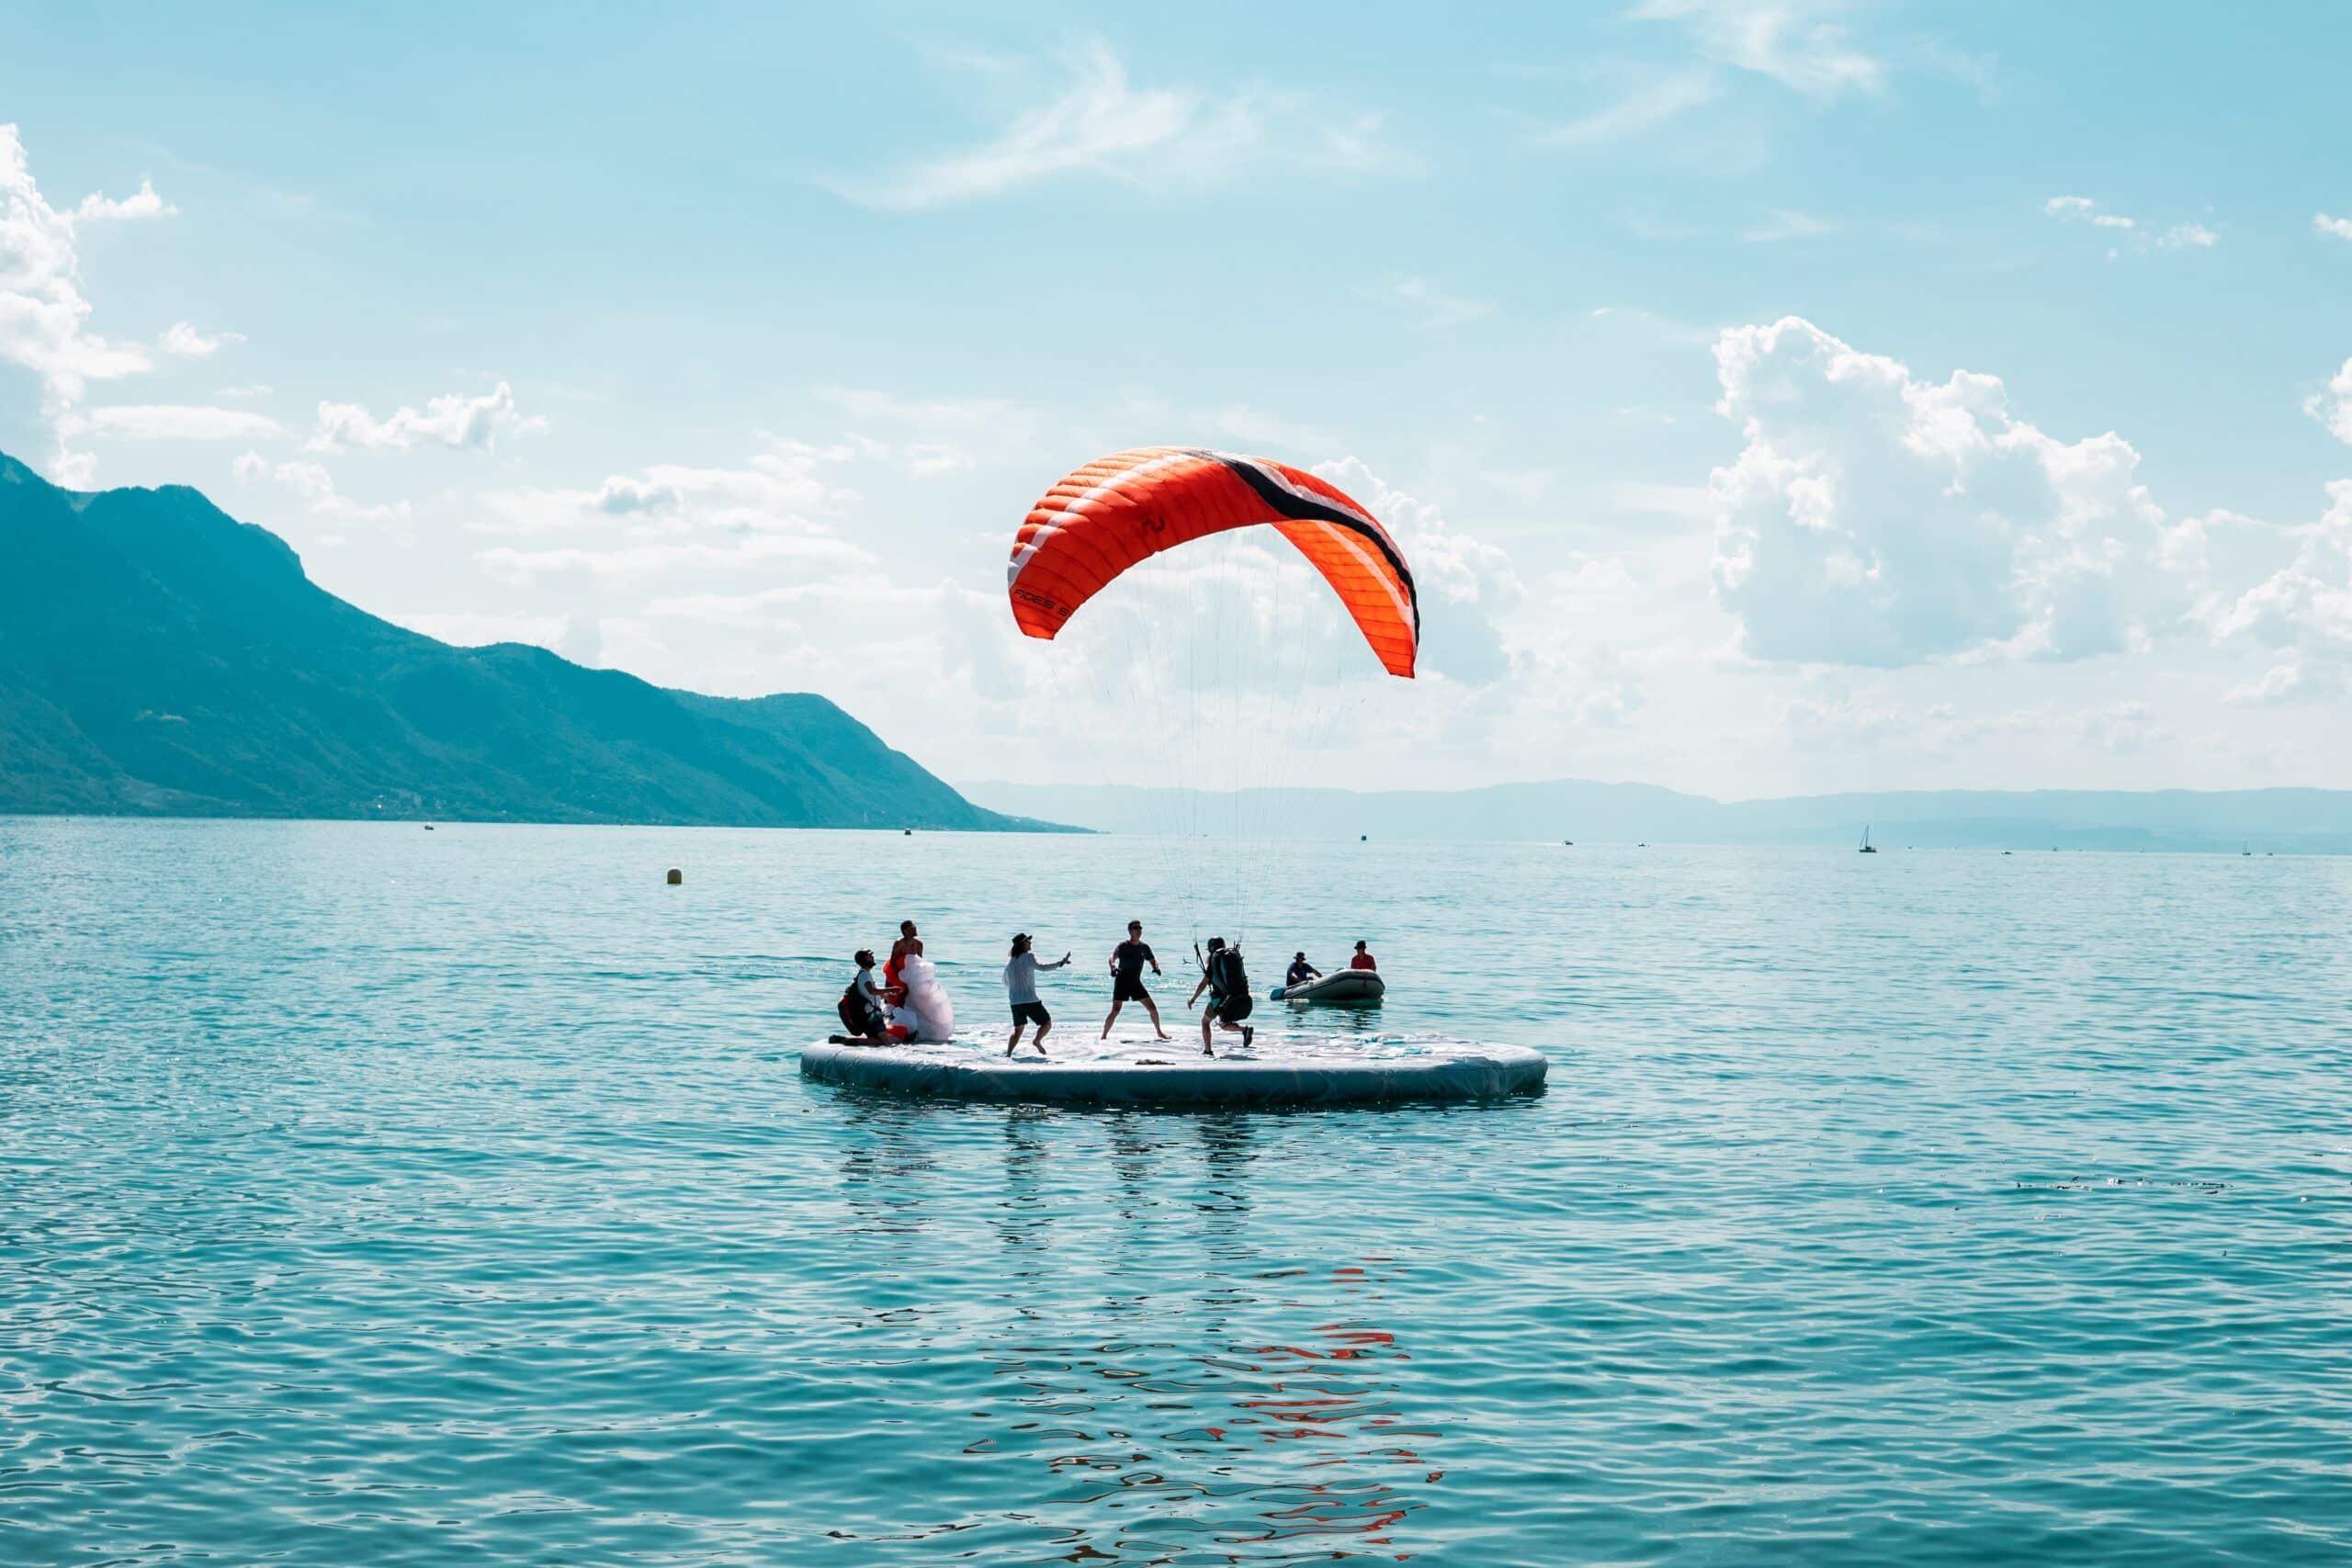 Tourists enjoying Switzerland